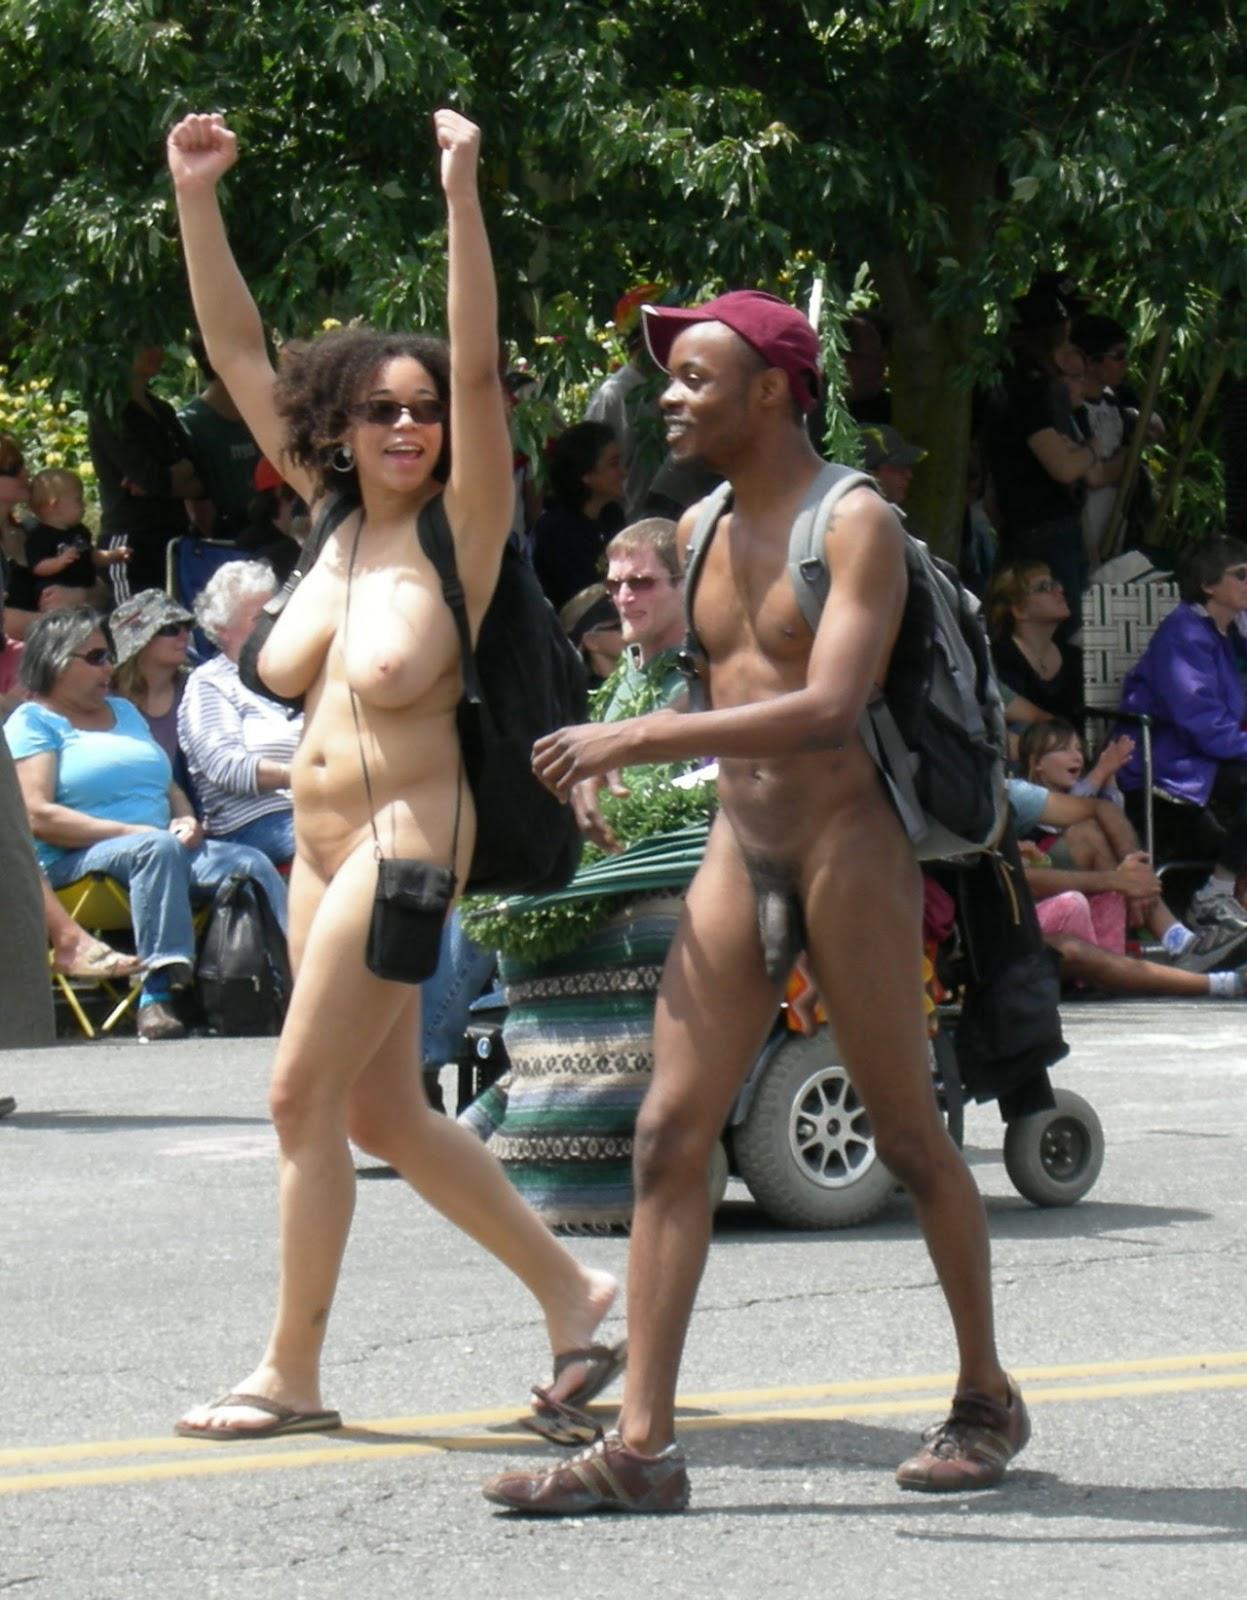 Naked parade in san francisco